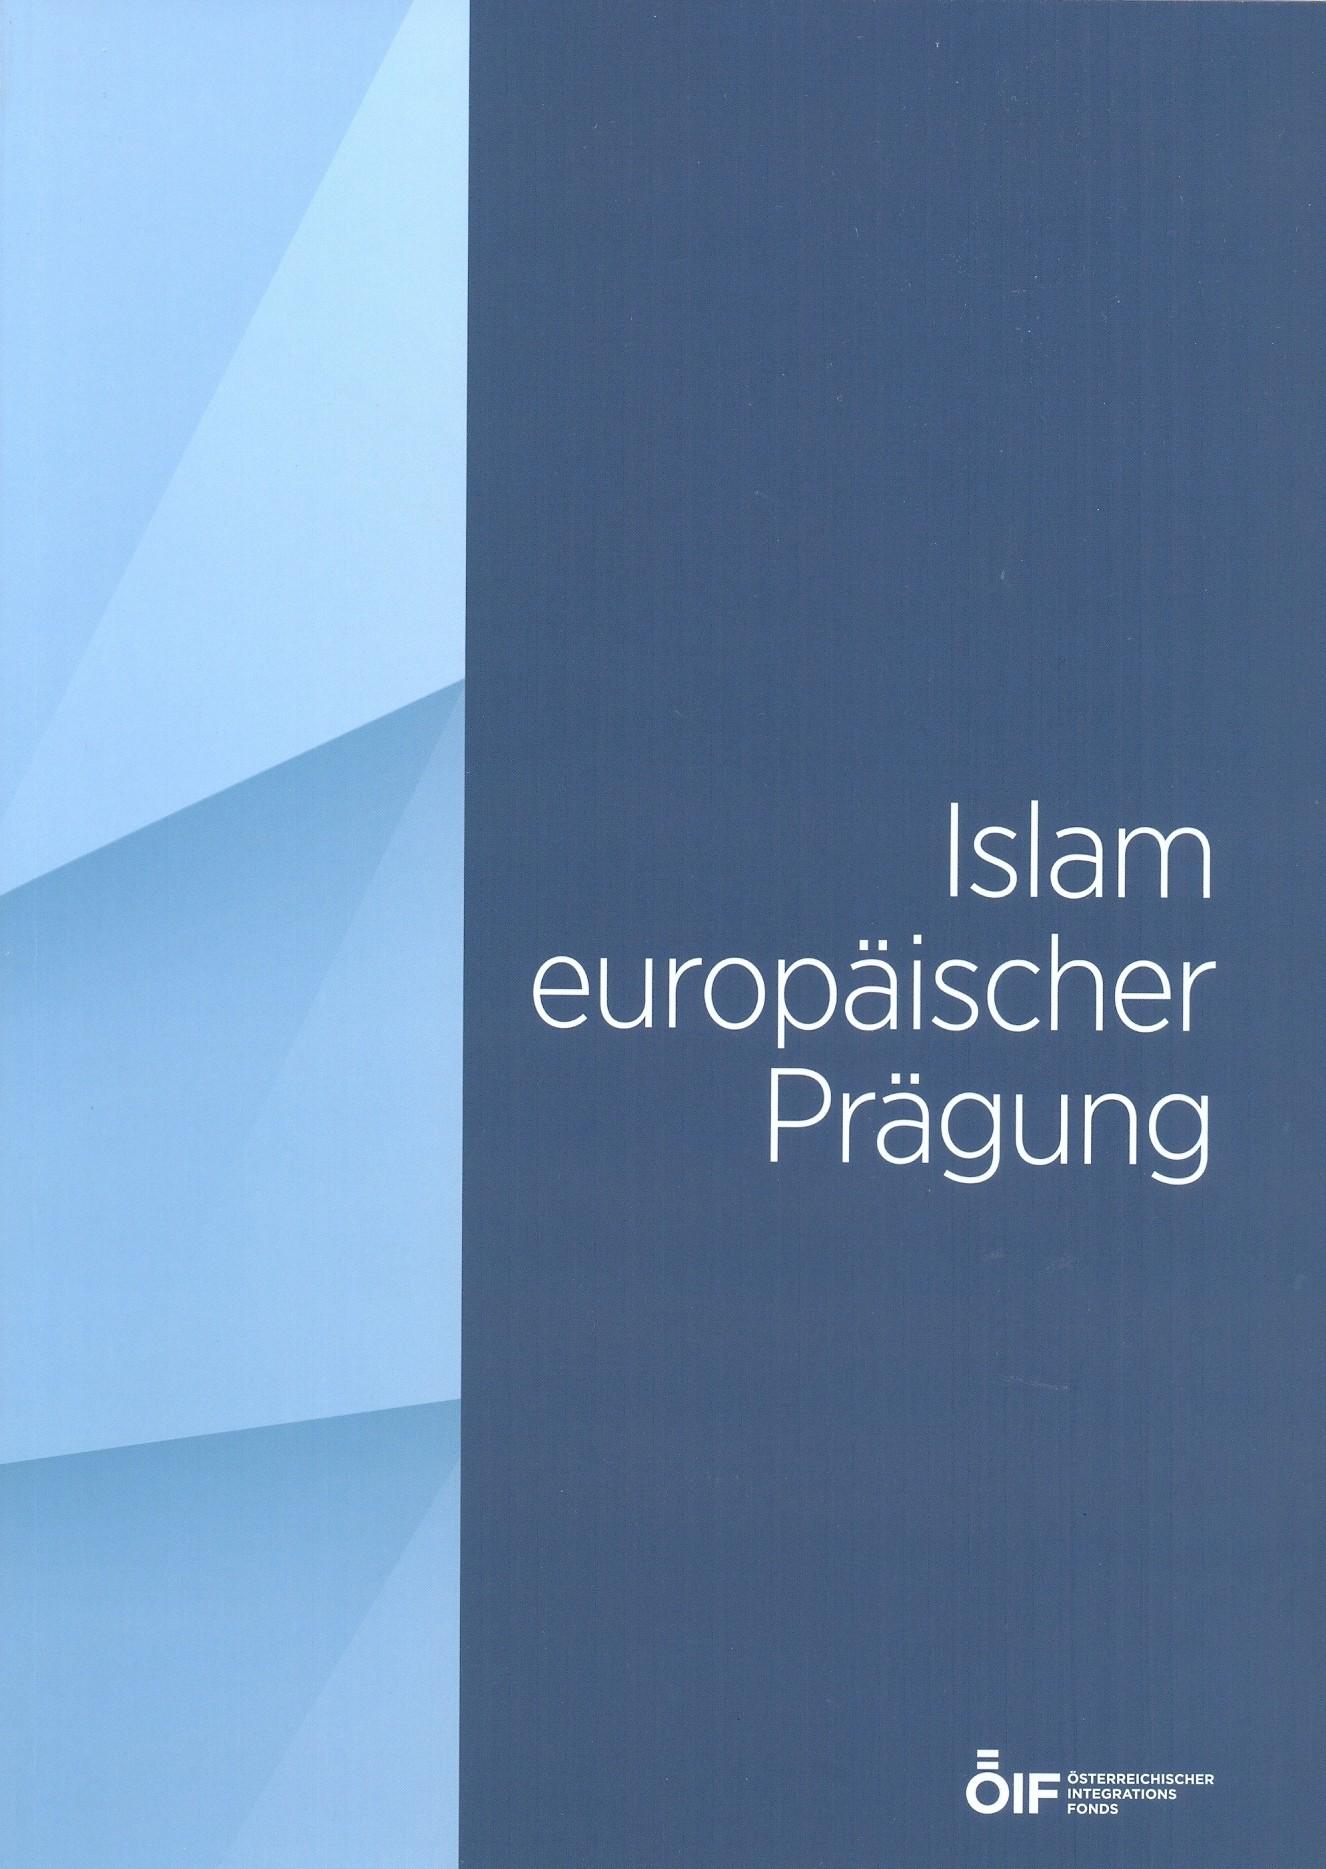 Islam europäischer Prägung